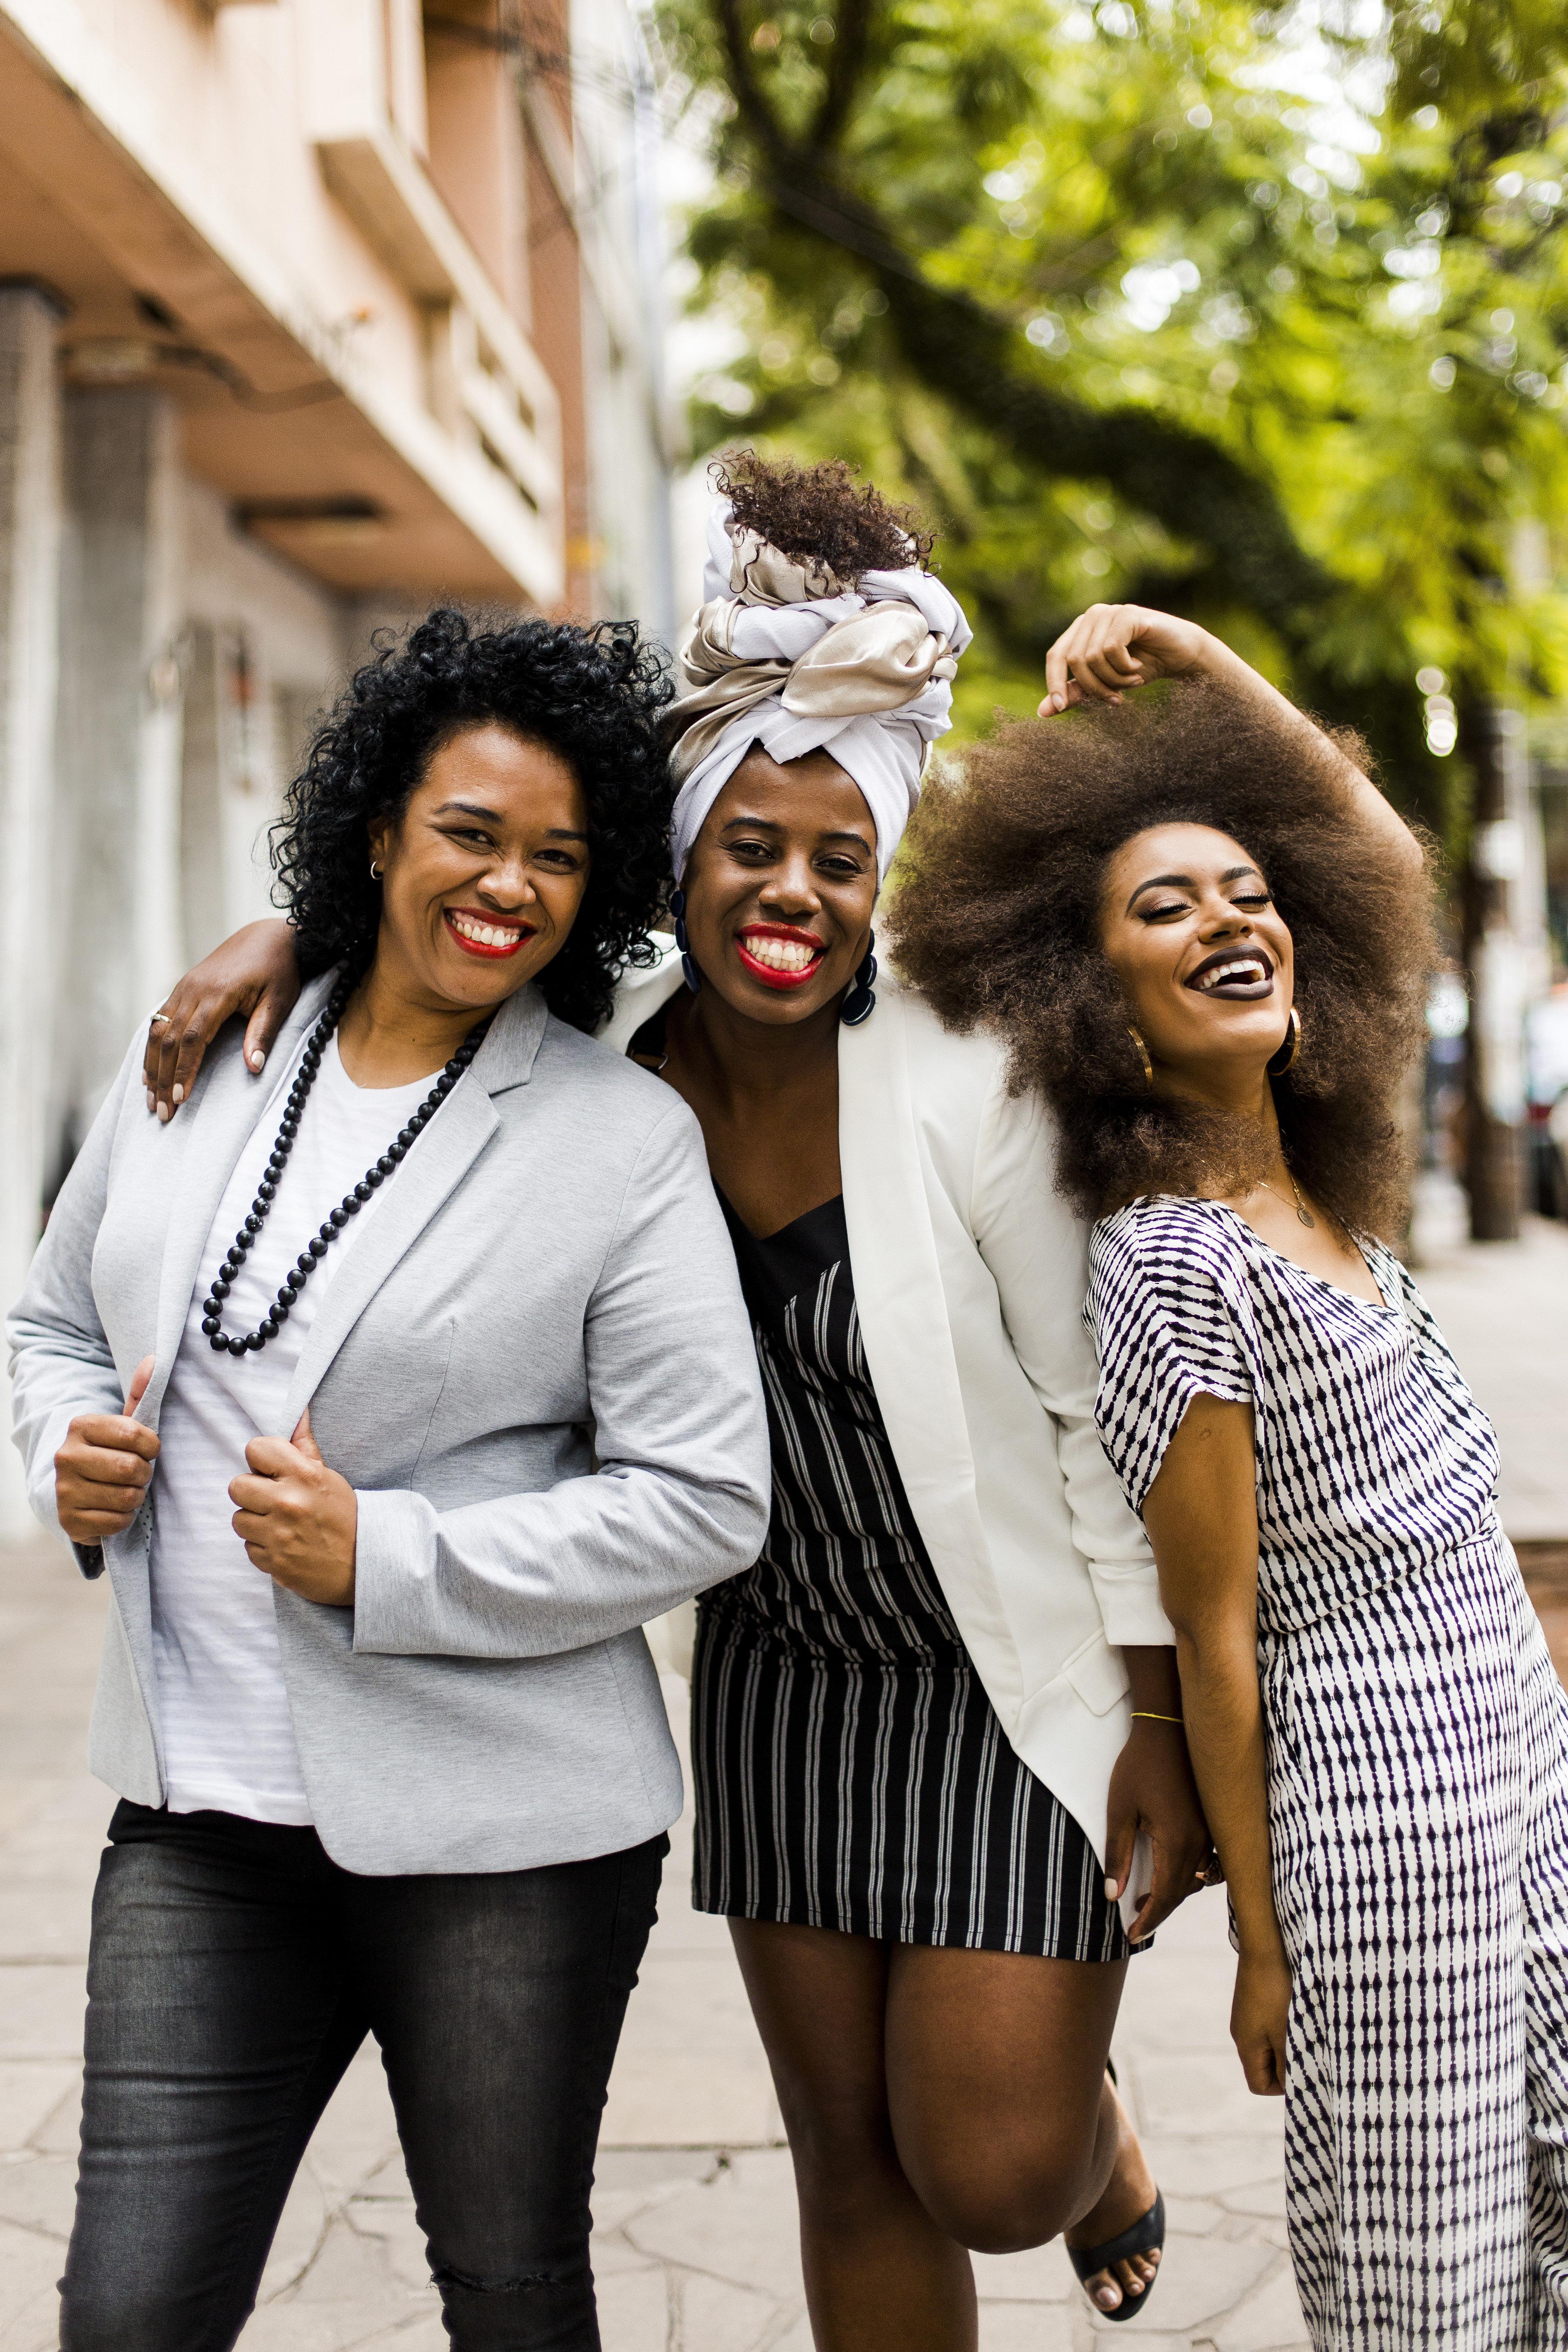 50 Tons de Pretas: A banda de mulheres negras que nasceu na colônia alemã do